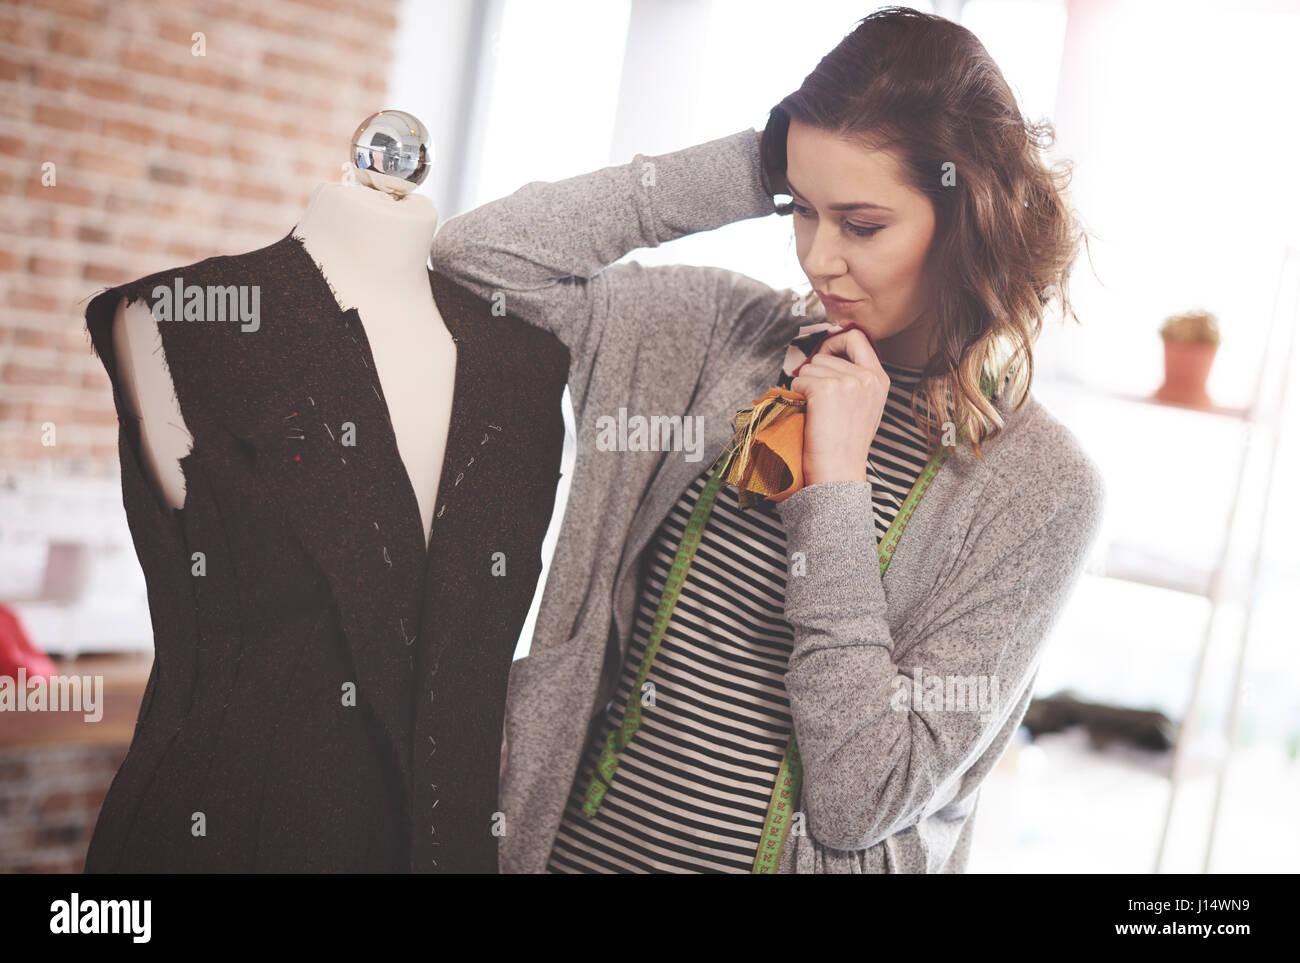 Female fashion designer thinking about changes - Stock Image